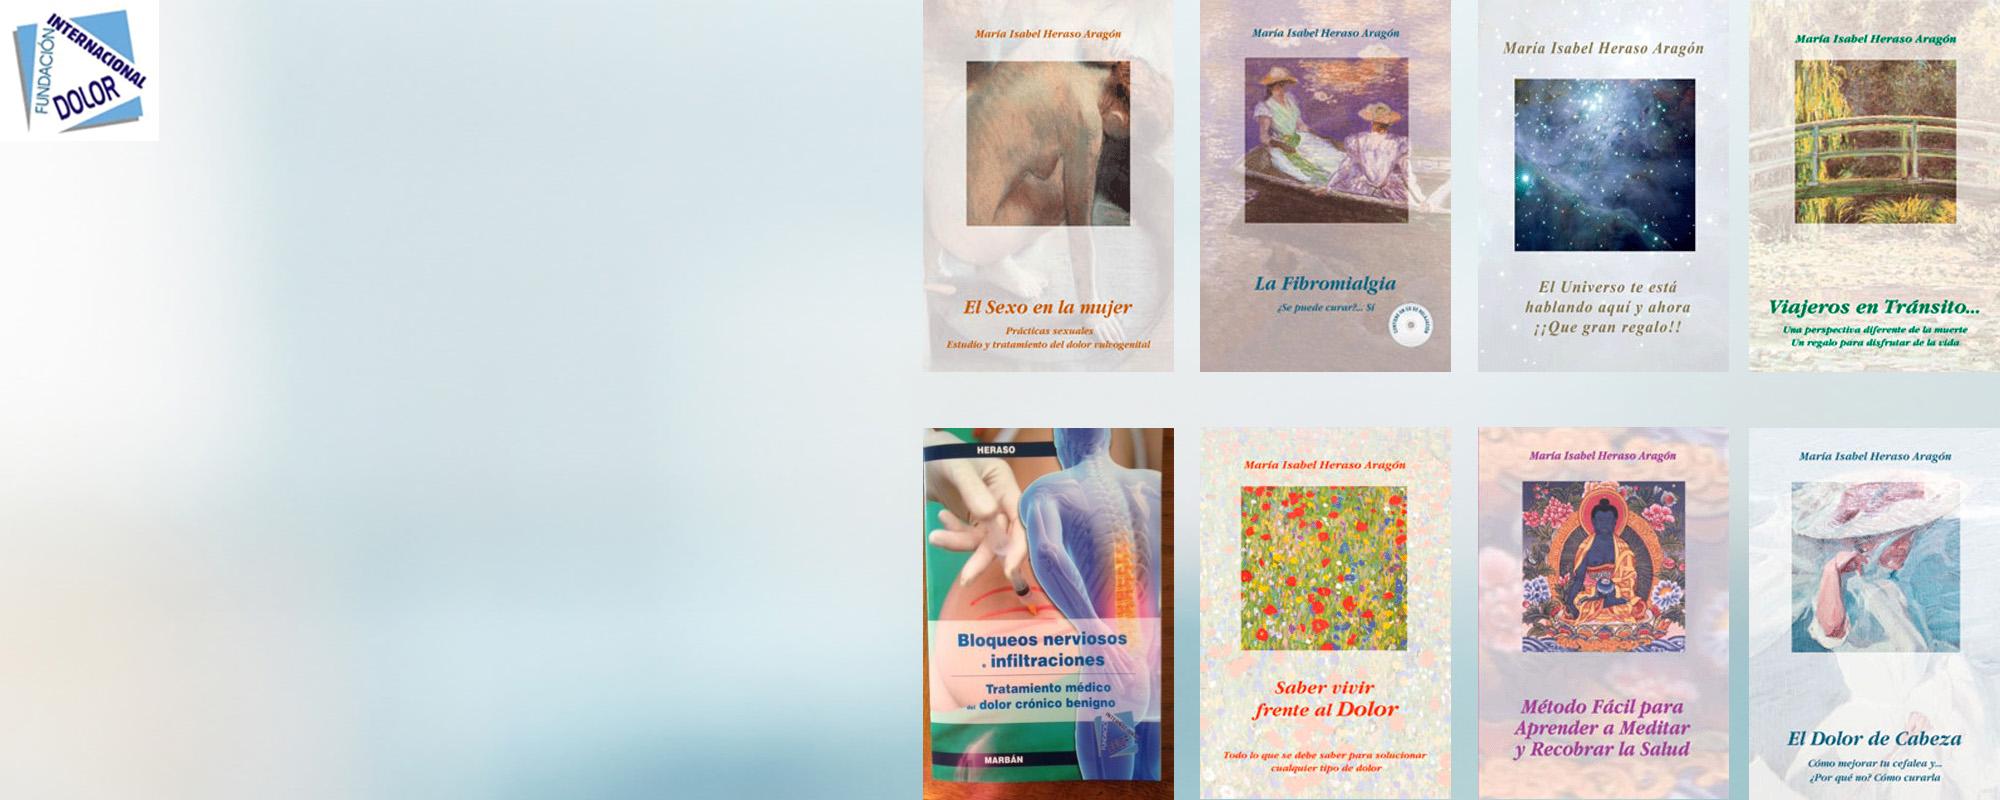 Fundación Internacional del Dolor <span> docencia y tratamiento del dolor </span>